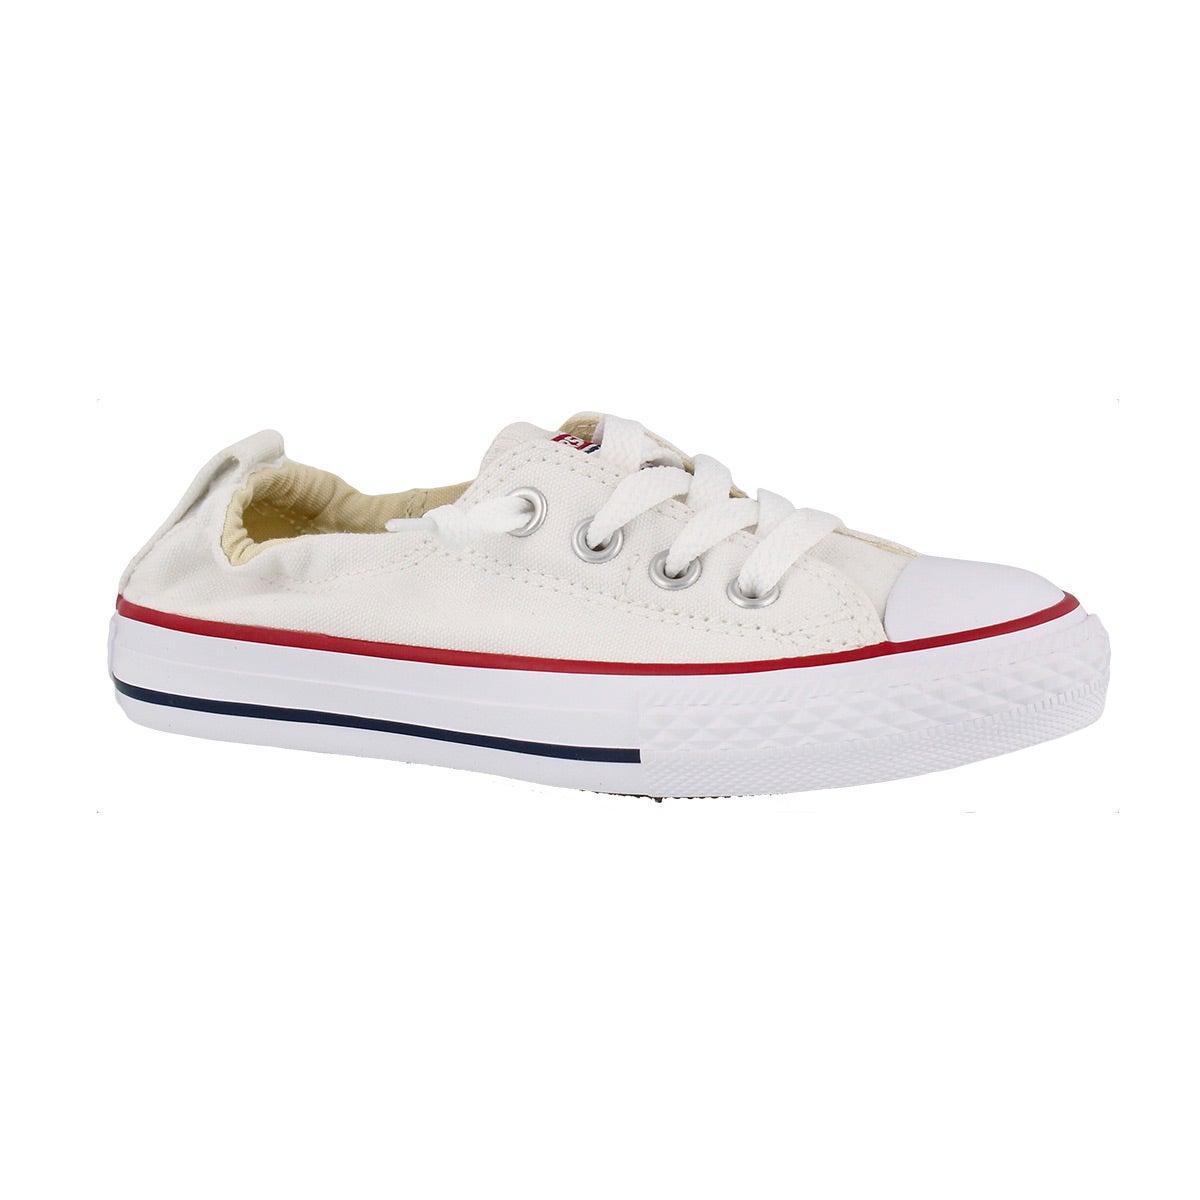 Girls' CT ALL STAR SHORELINE white sneaker